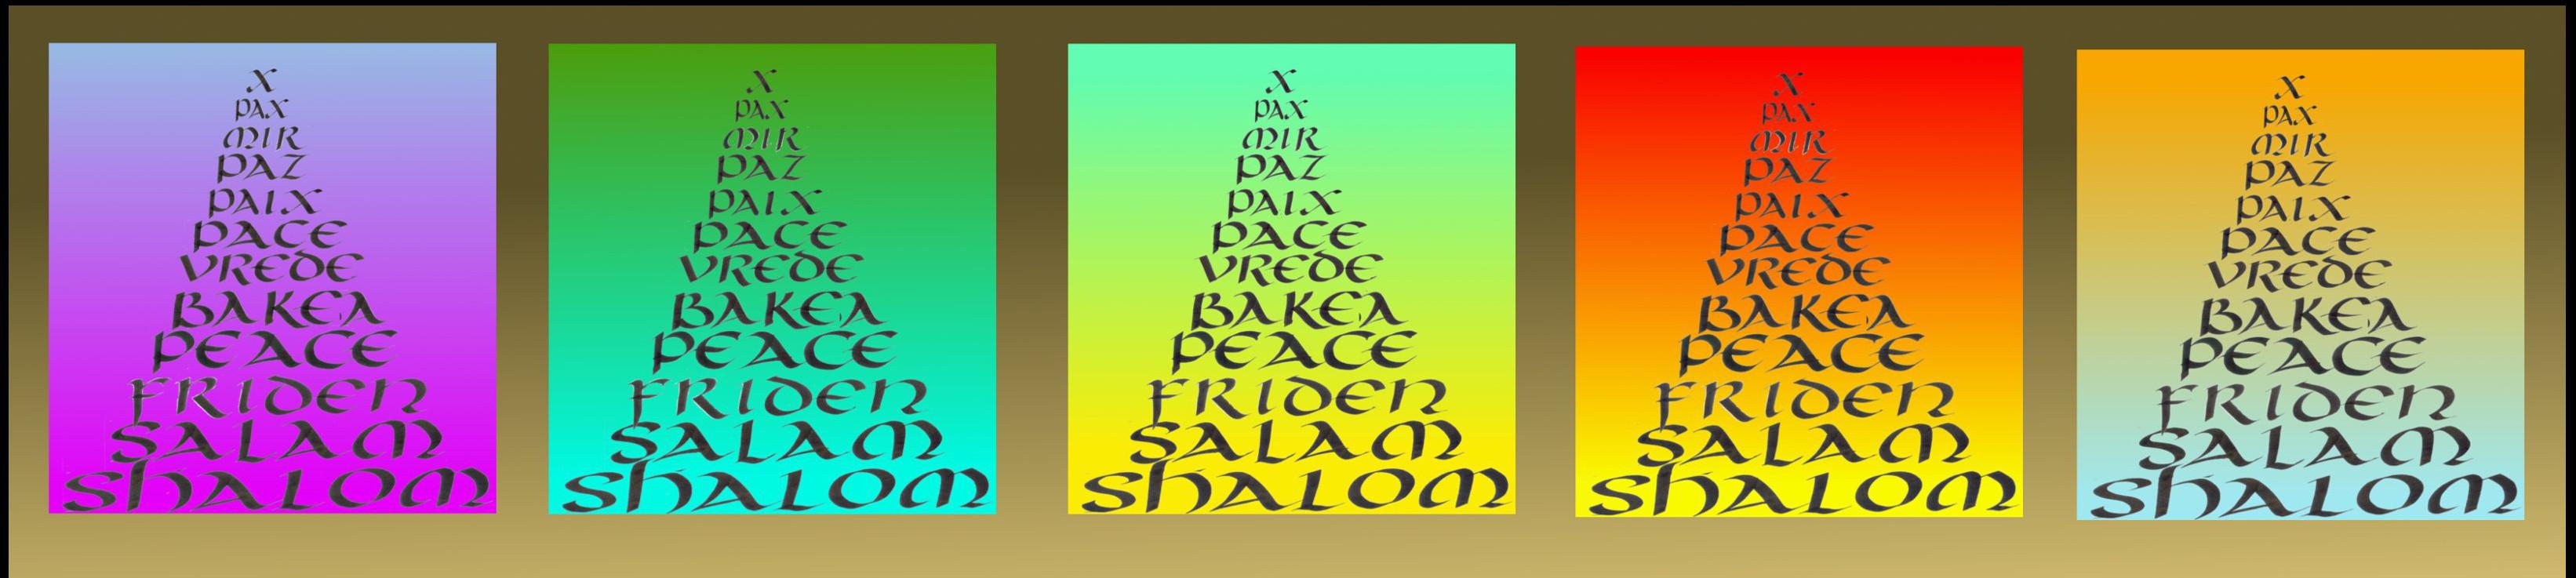 bandeau paix